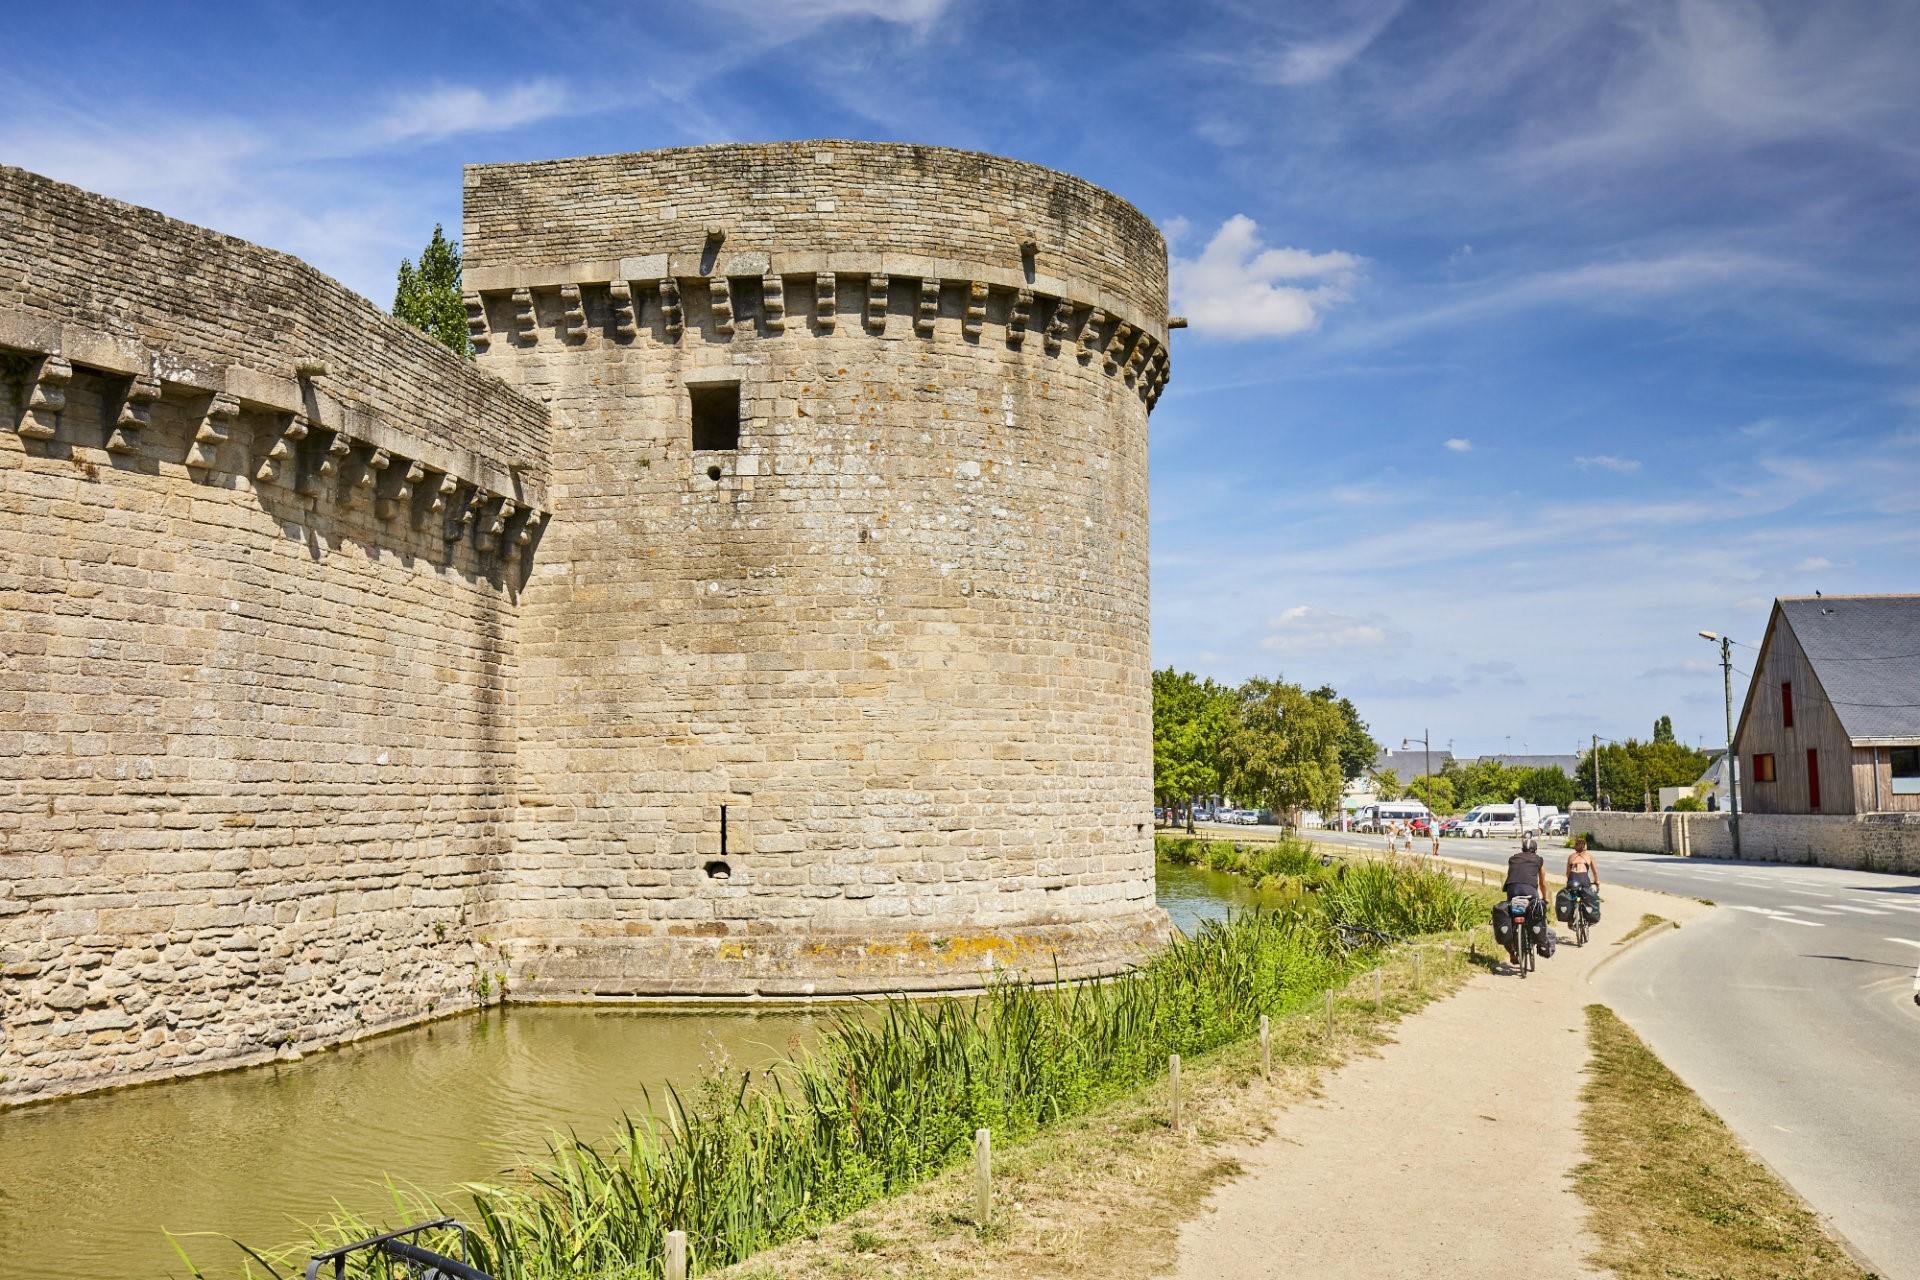 A vélo le long des remparts de Guérande